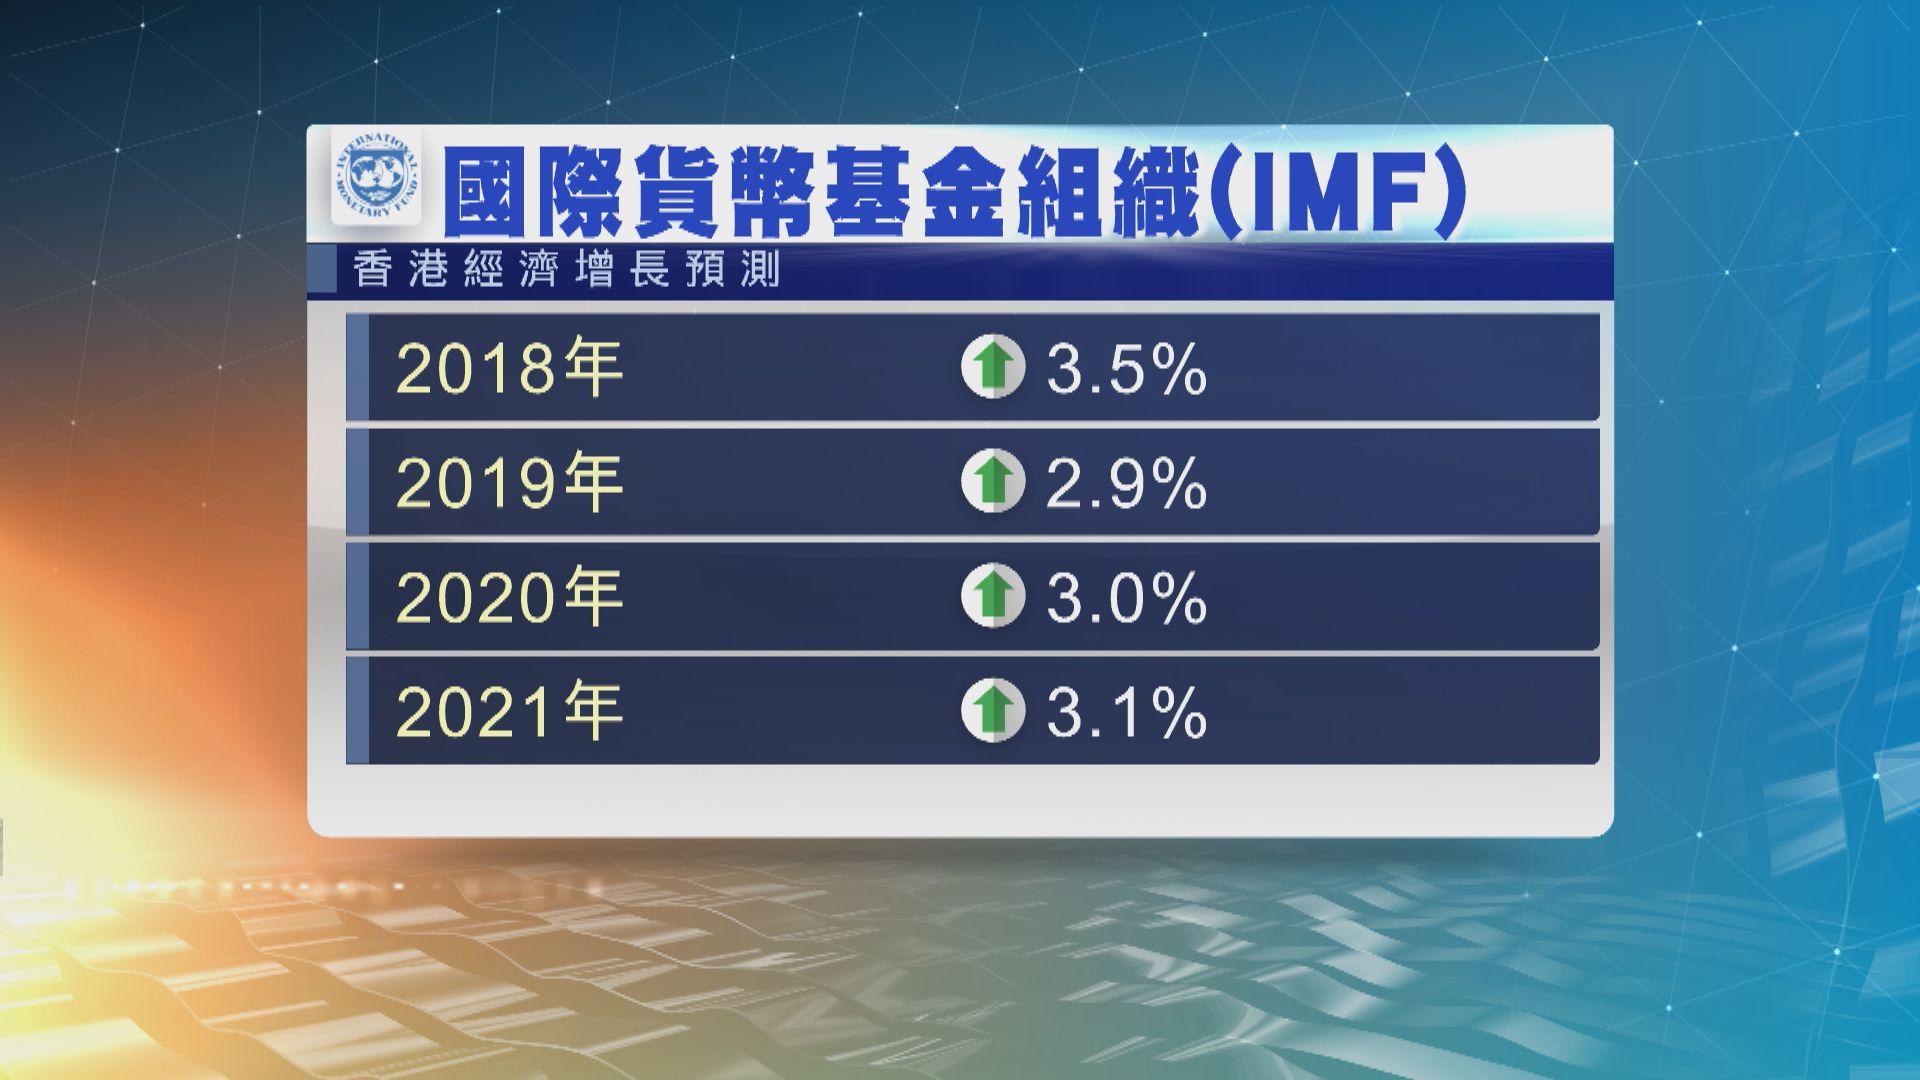 IMF:港經濟增長風險增 要預防樓市調整